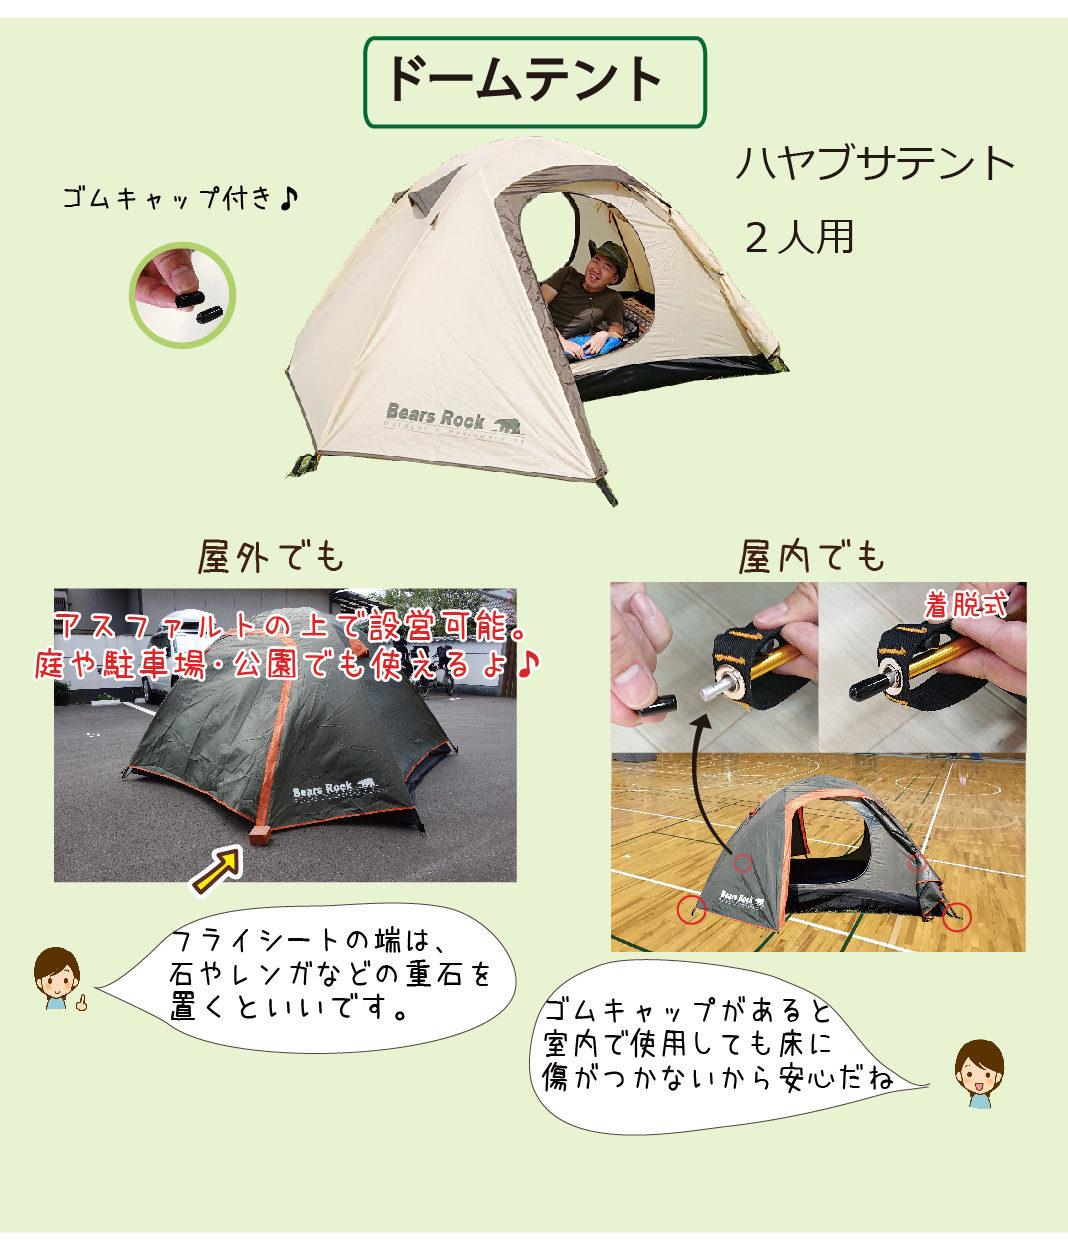 今回使用したテントの写真